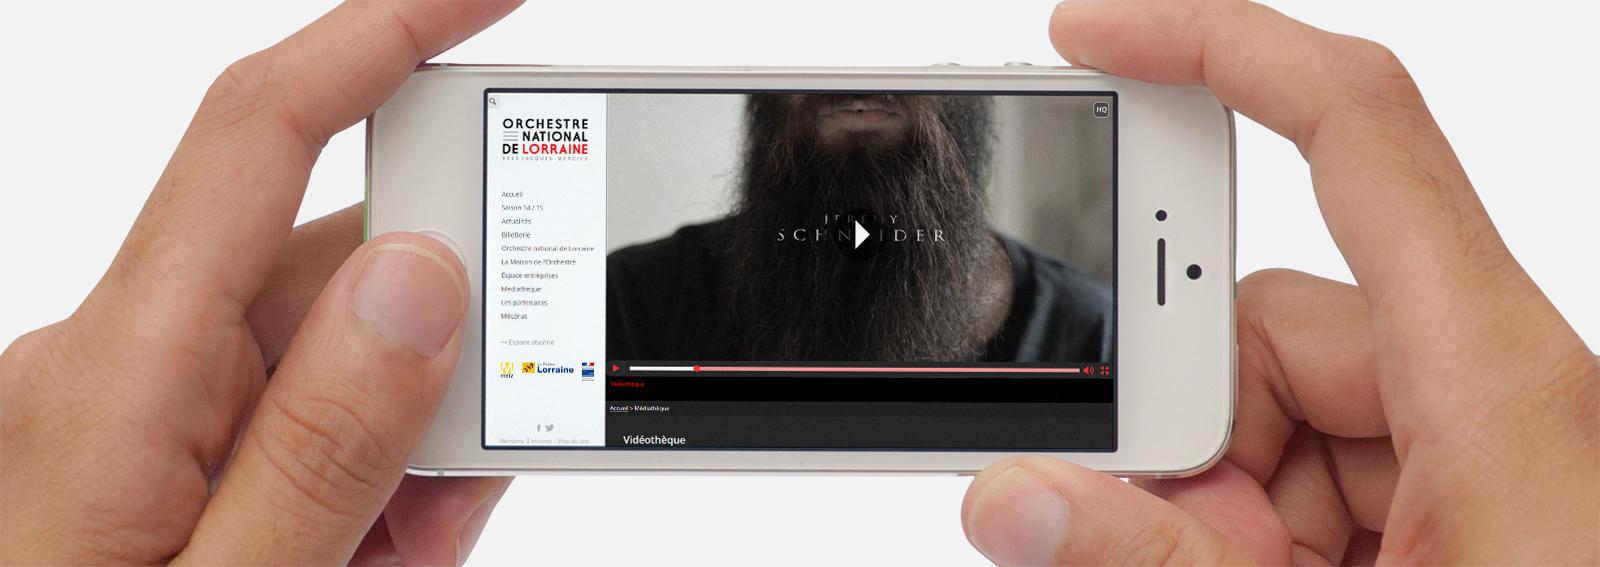 onl-video